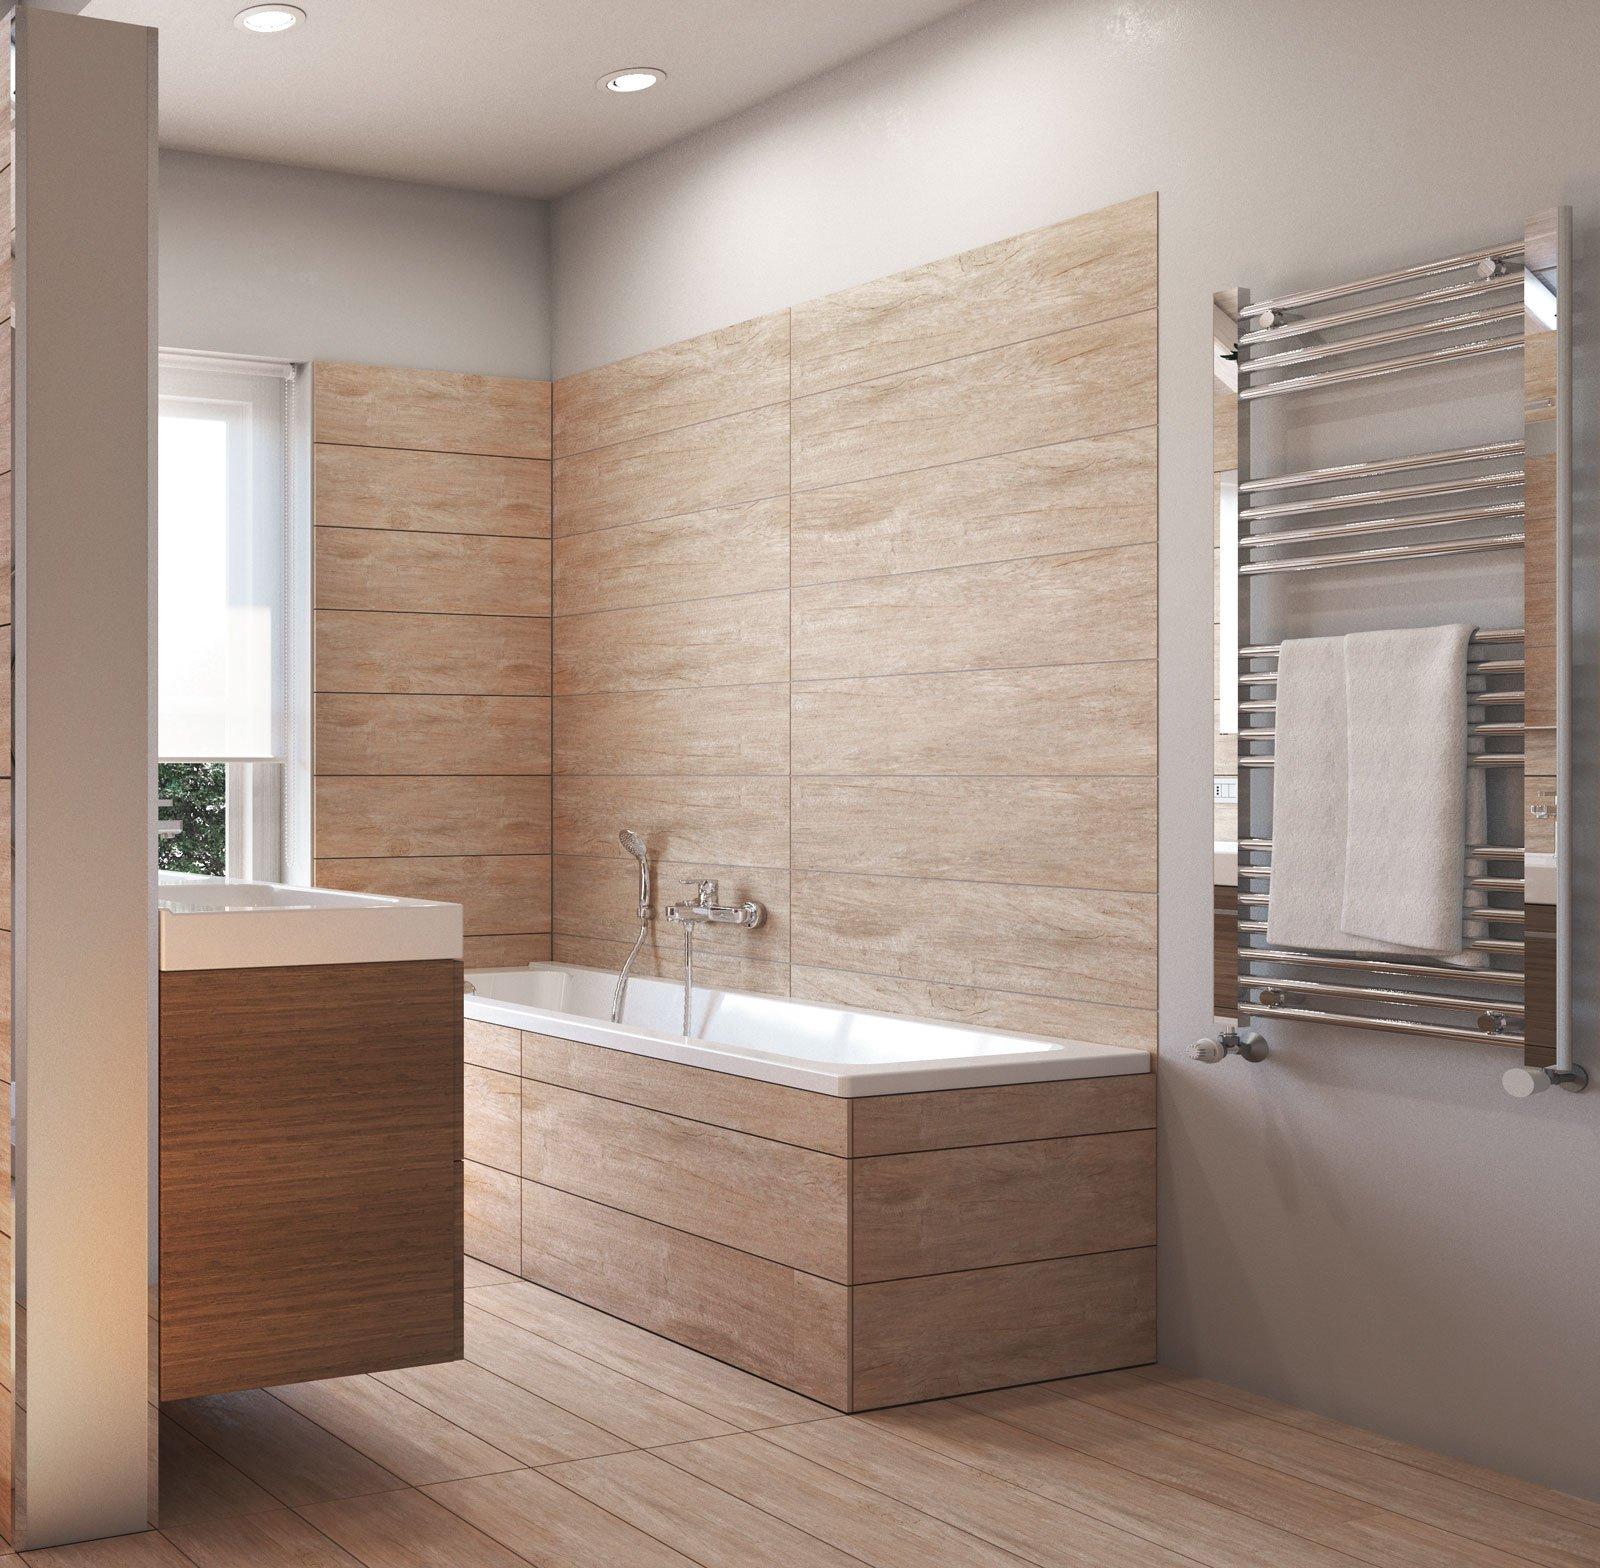 da vasca a doccia un bagno nuovo su misura cose di casa